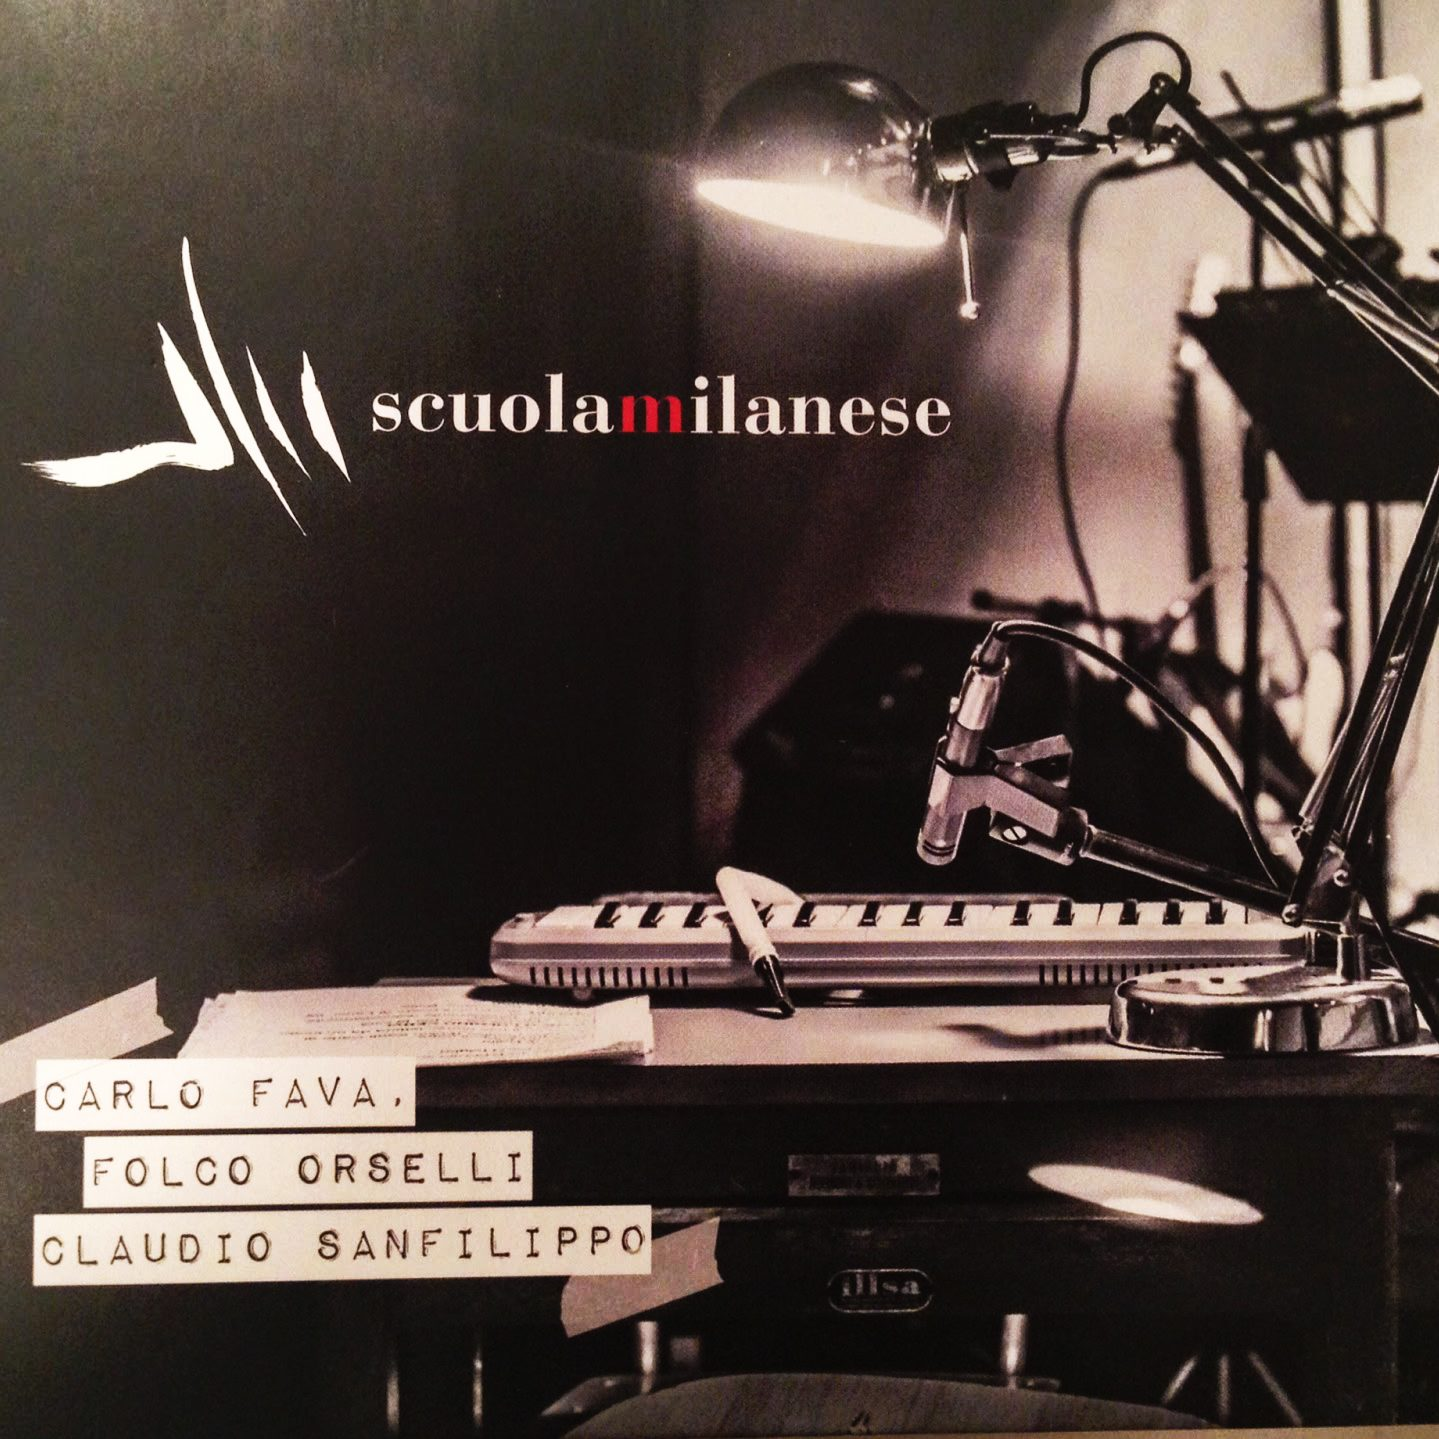 COVER SCUOLA MILANESE